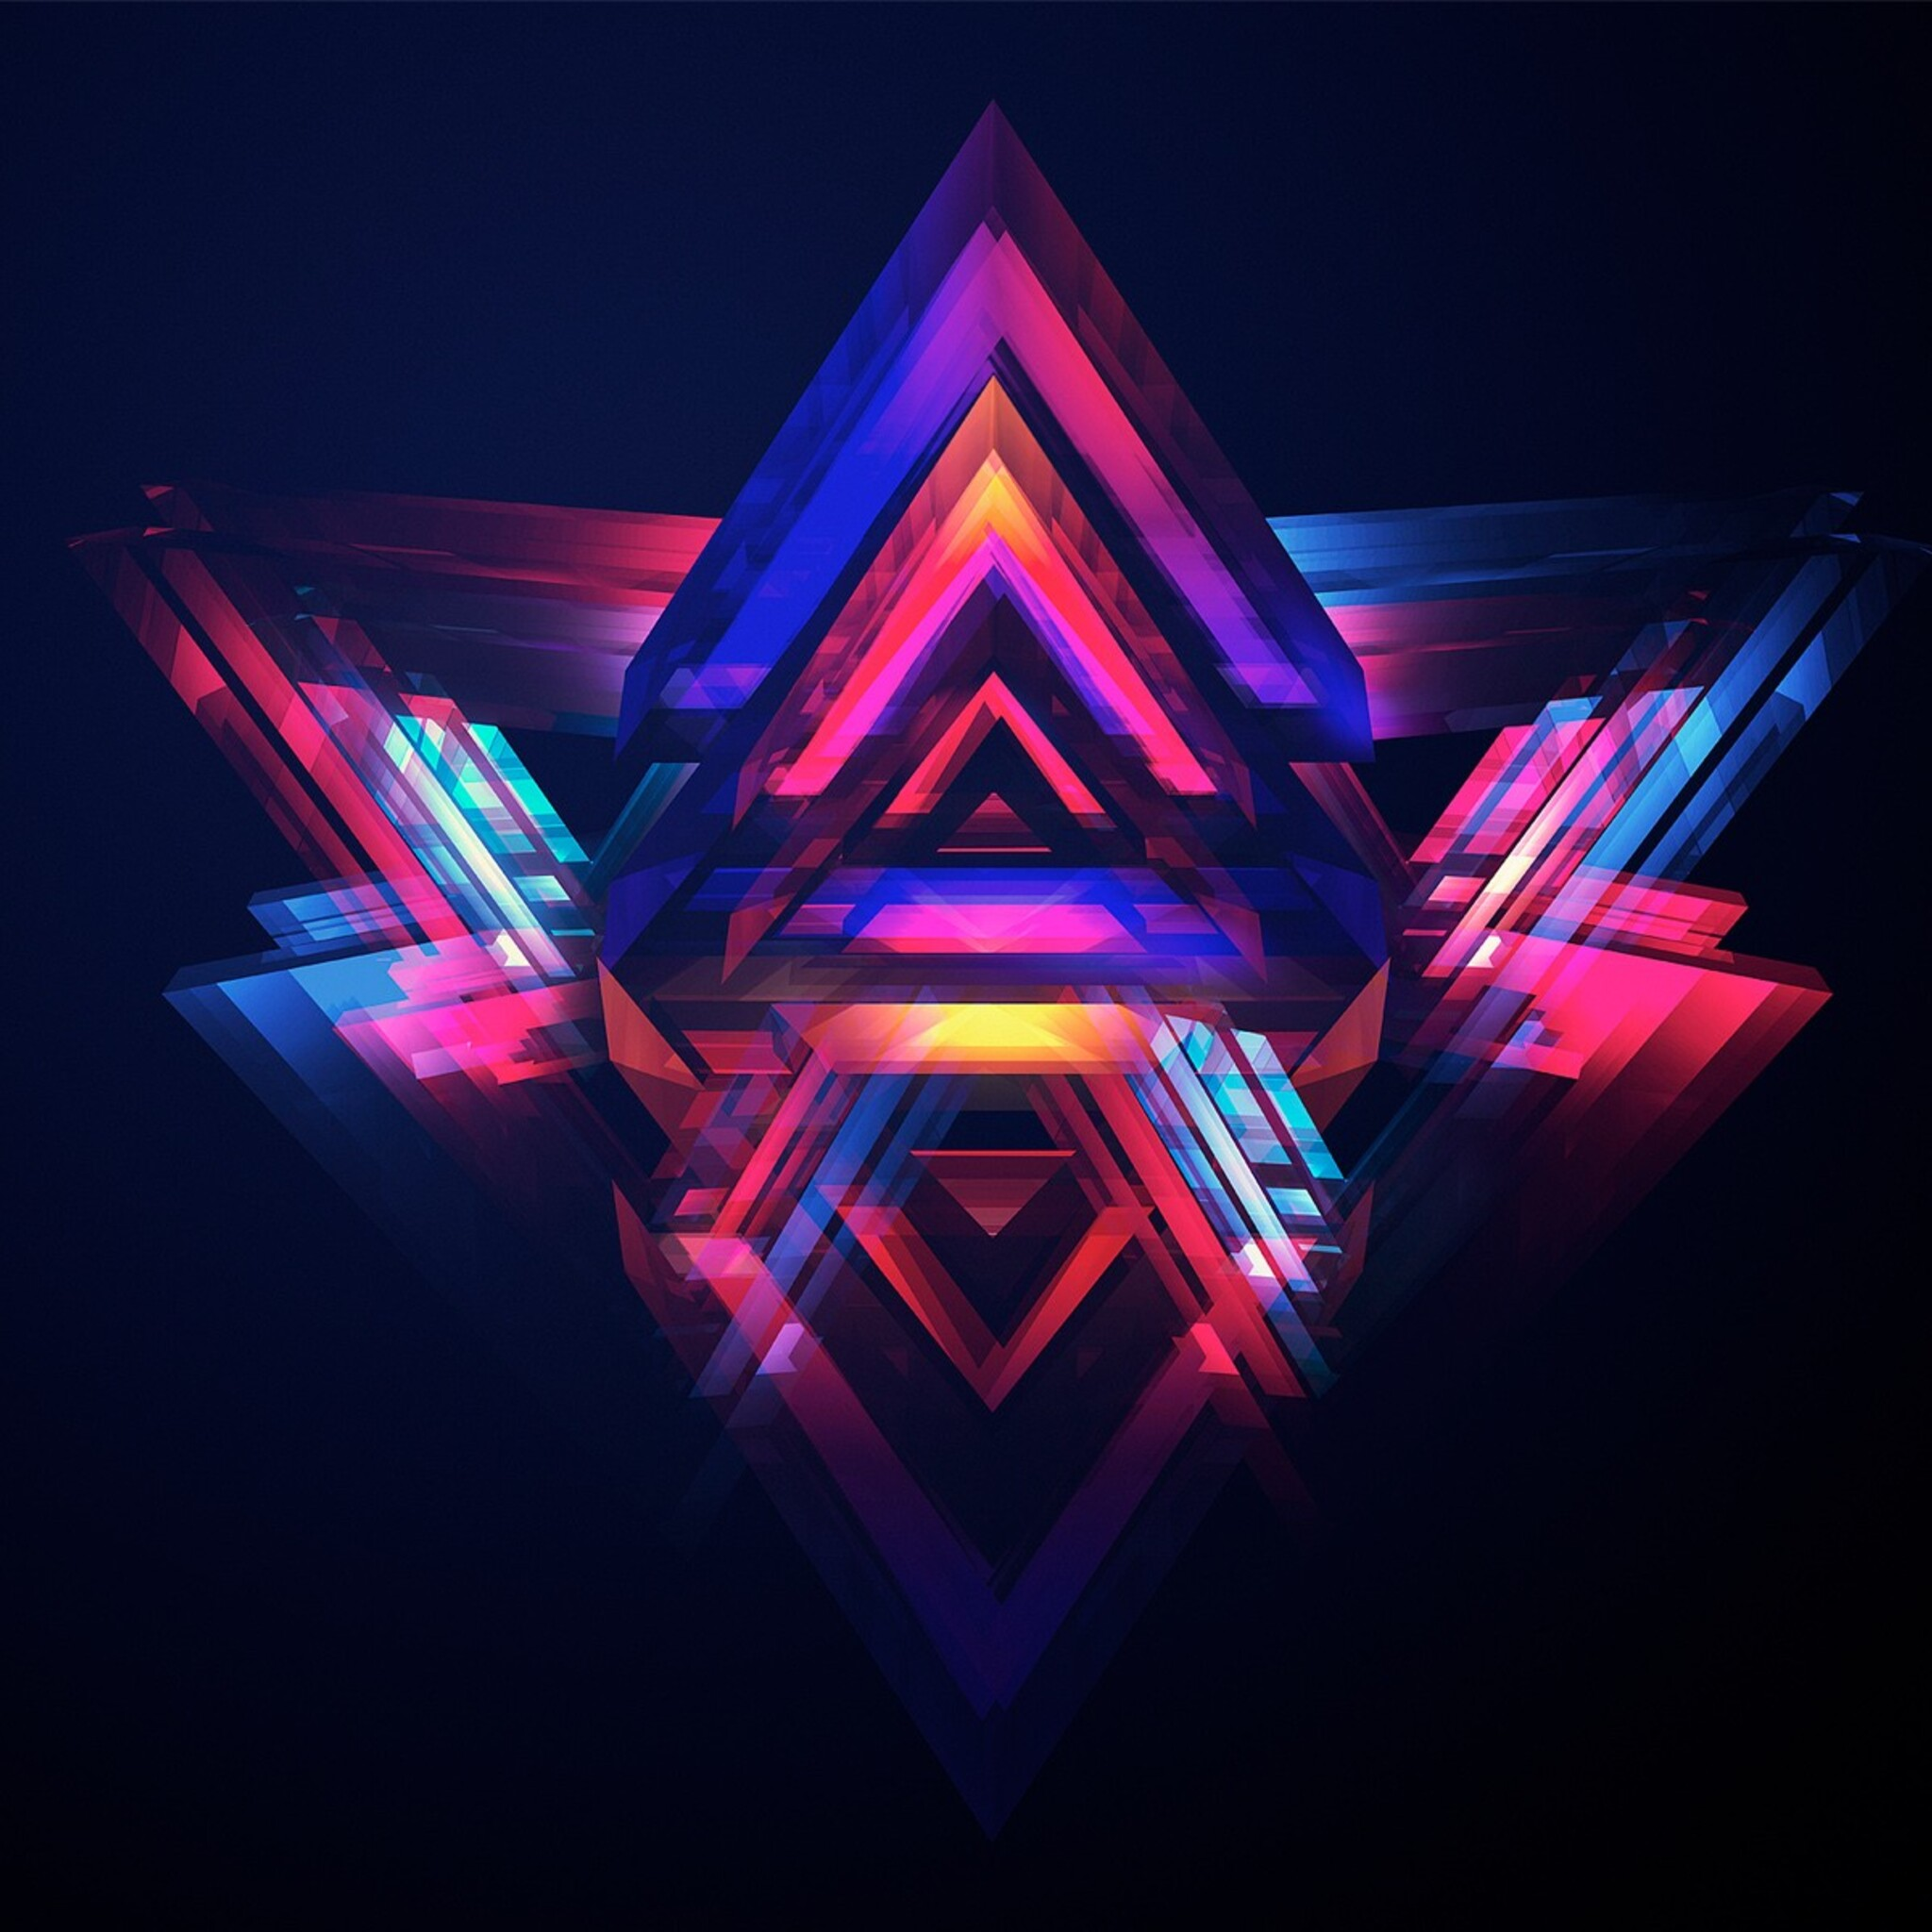 2048x2048 abstract pyramids ipad air hd 4k wallpapers, images